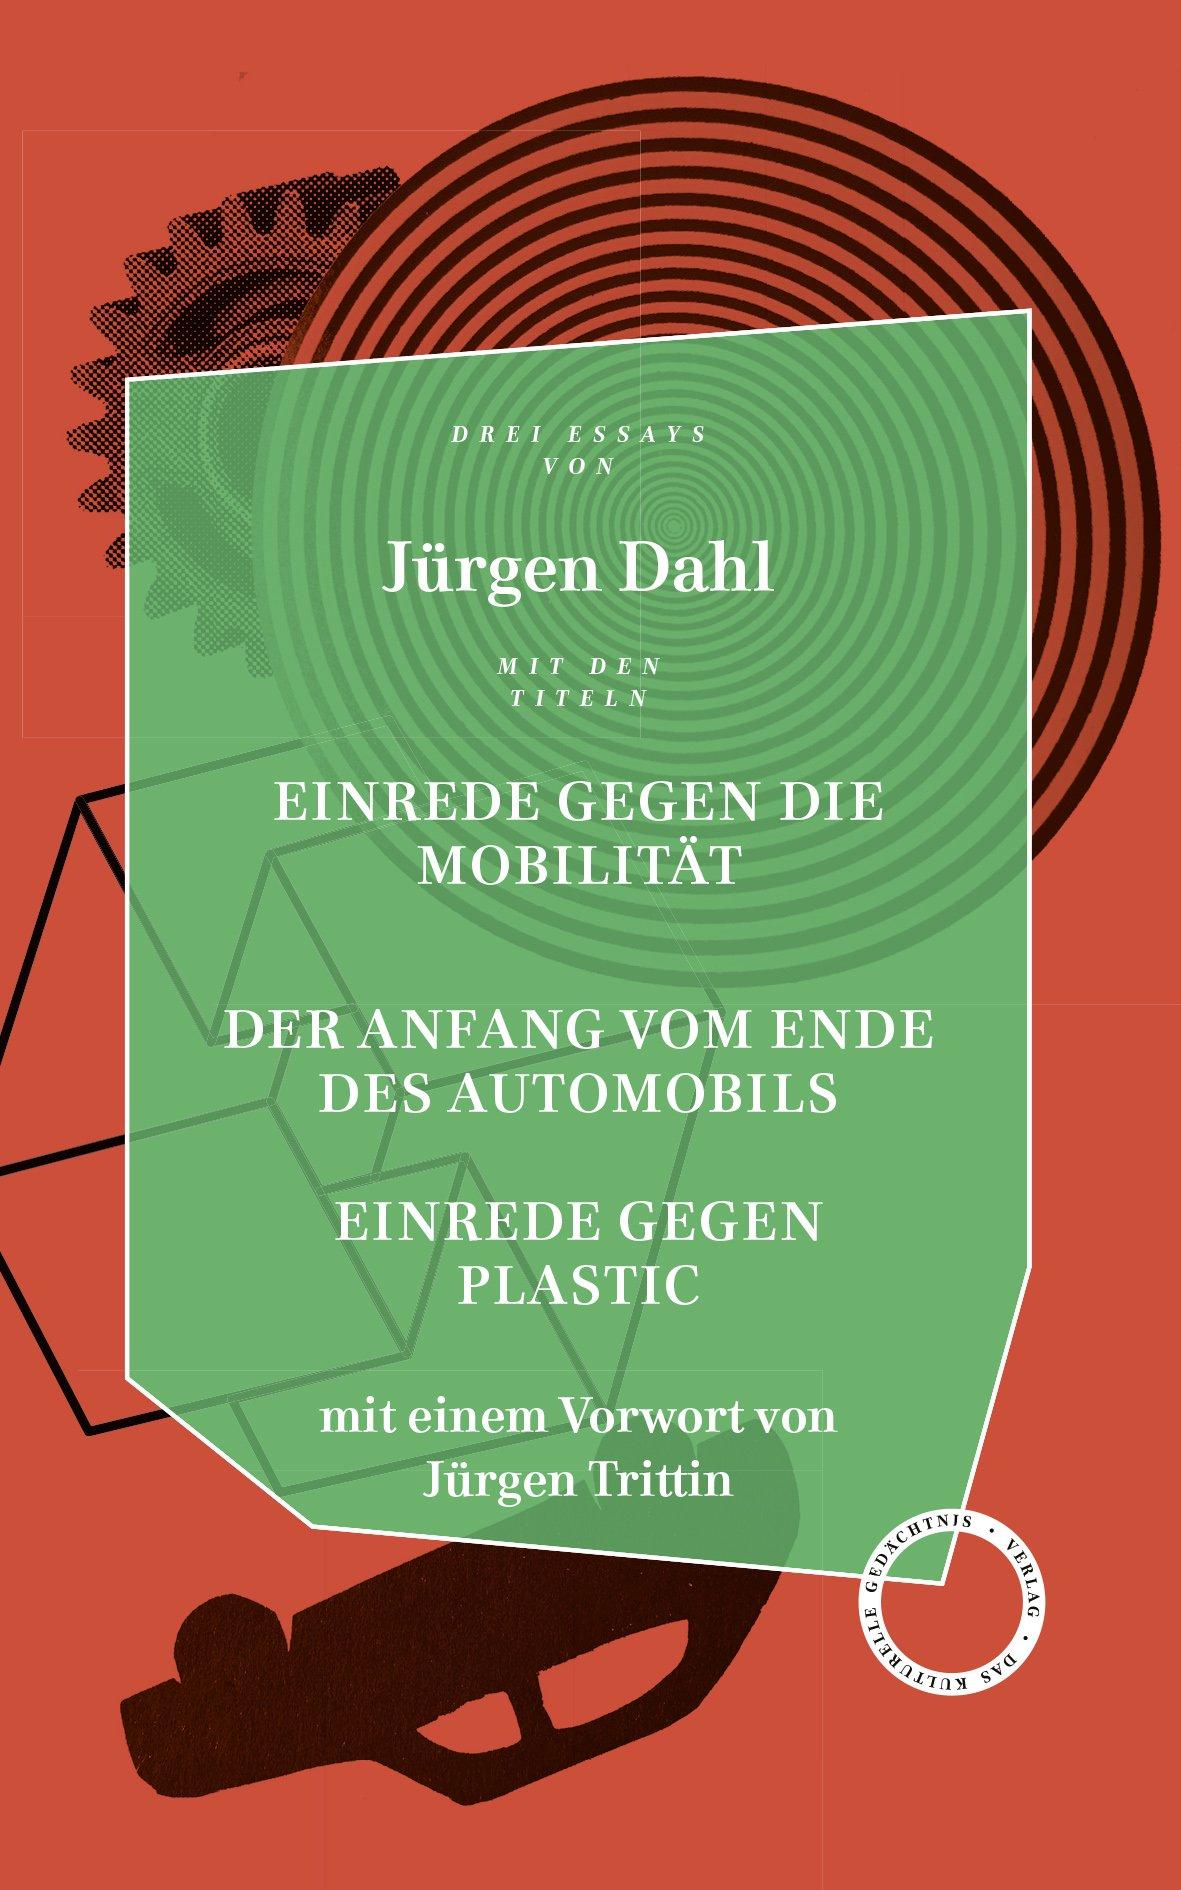 EINREDE gegen die Mobilität -  Der ANFANG vom ENDE des Automobils - EINREDE gegen Plastic